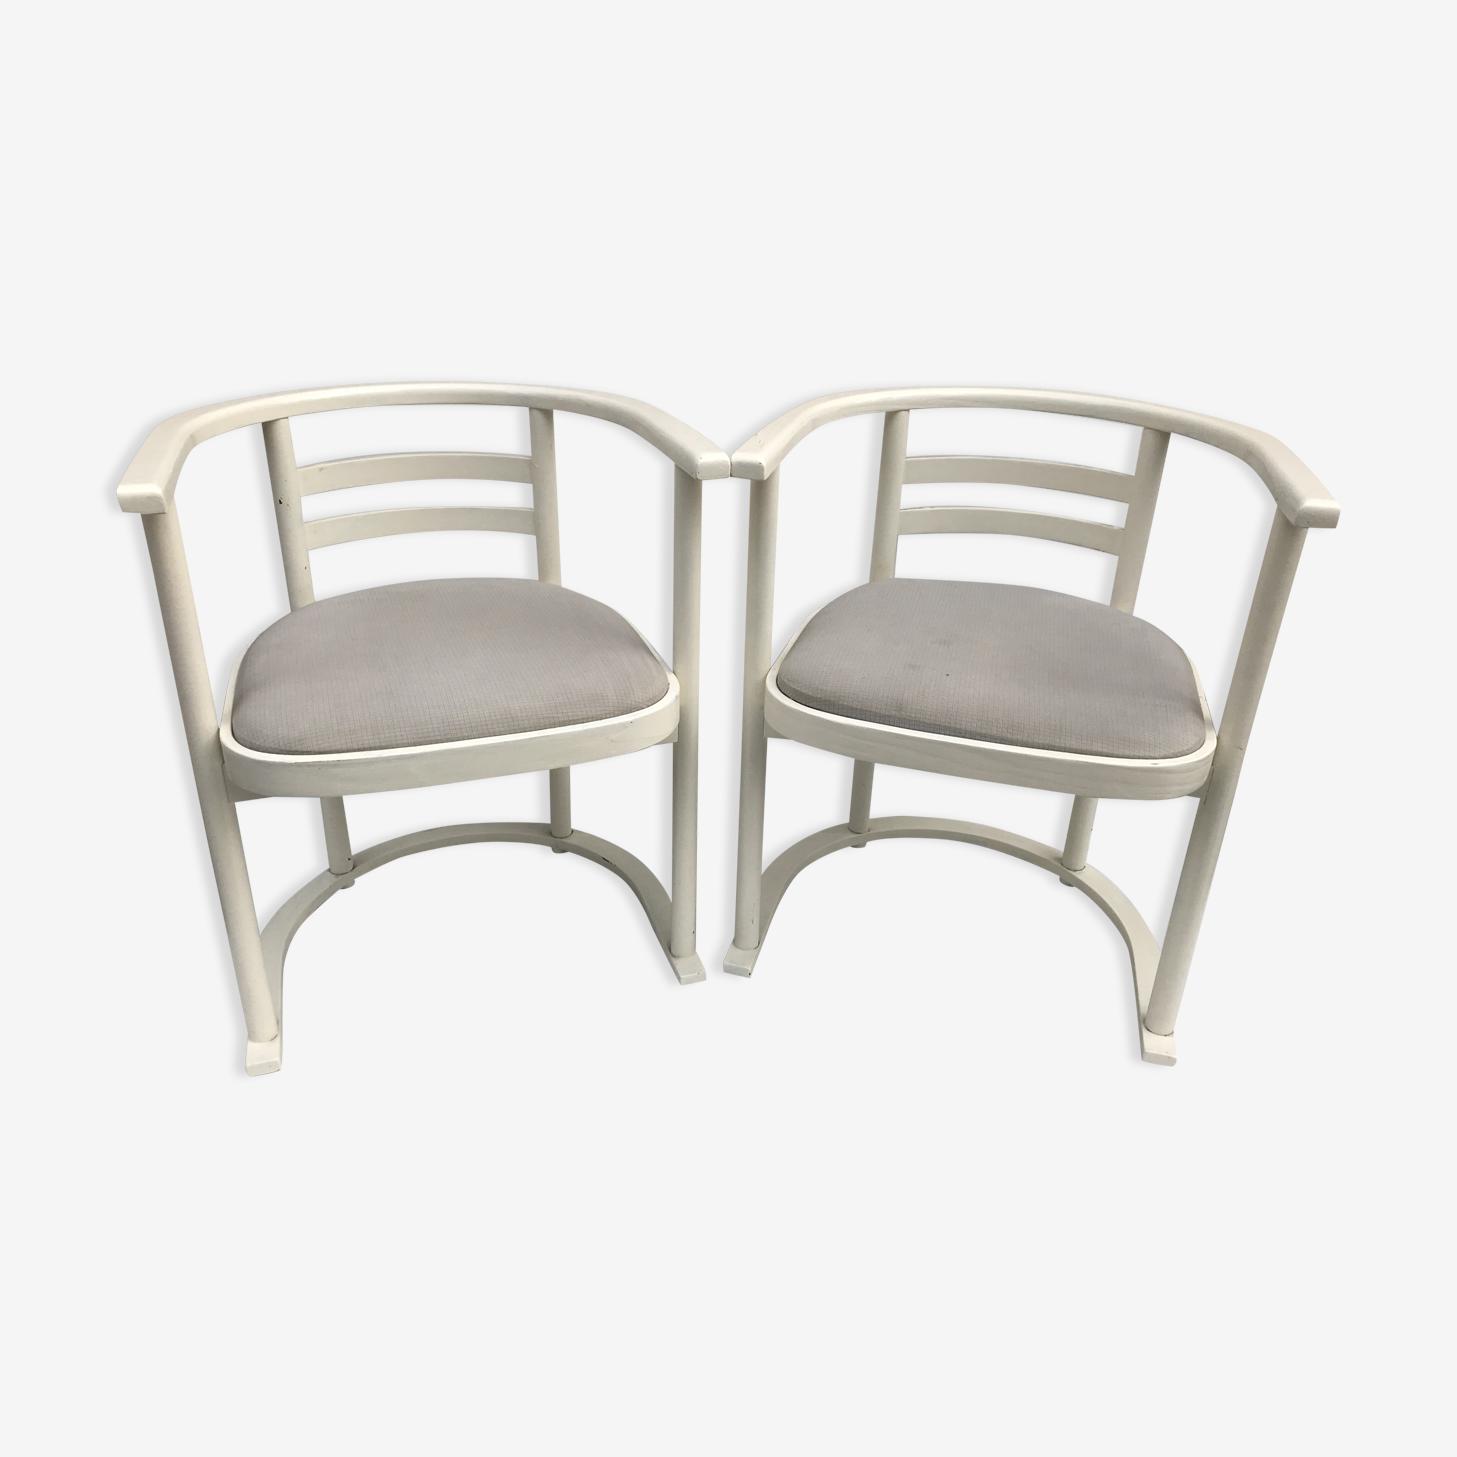 Paire de fauteuils anciens tonneau bois blanc + tissu vintage